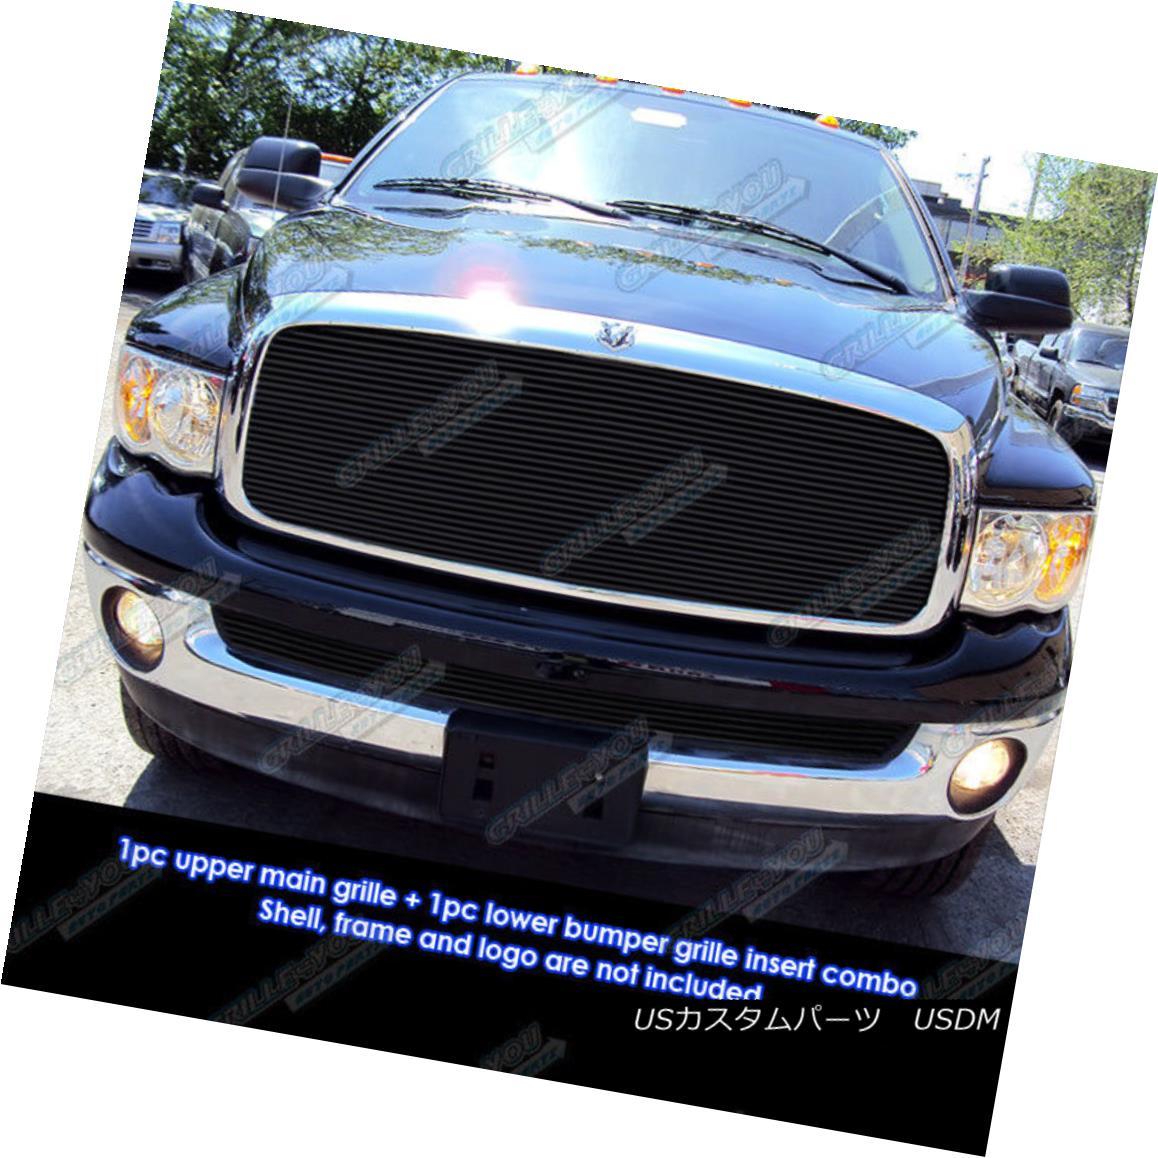 グリル Fits 02-05 Dodge Ram Regular Model Black Billet Grille Insert Combo フィット02-05ダッジラムレギュラーモデルブラックビレットグリルインサートコンボ